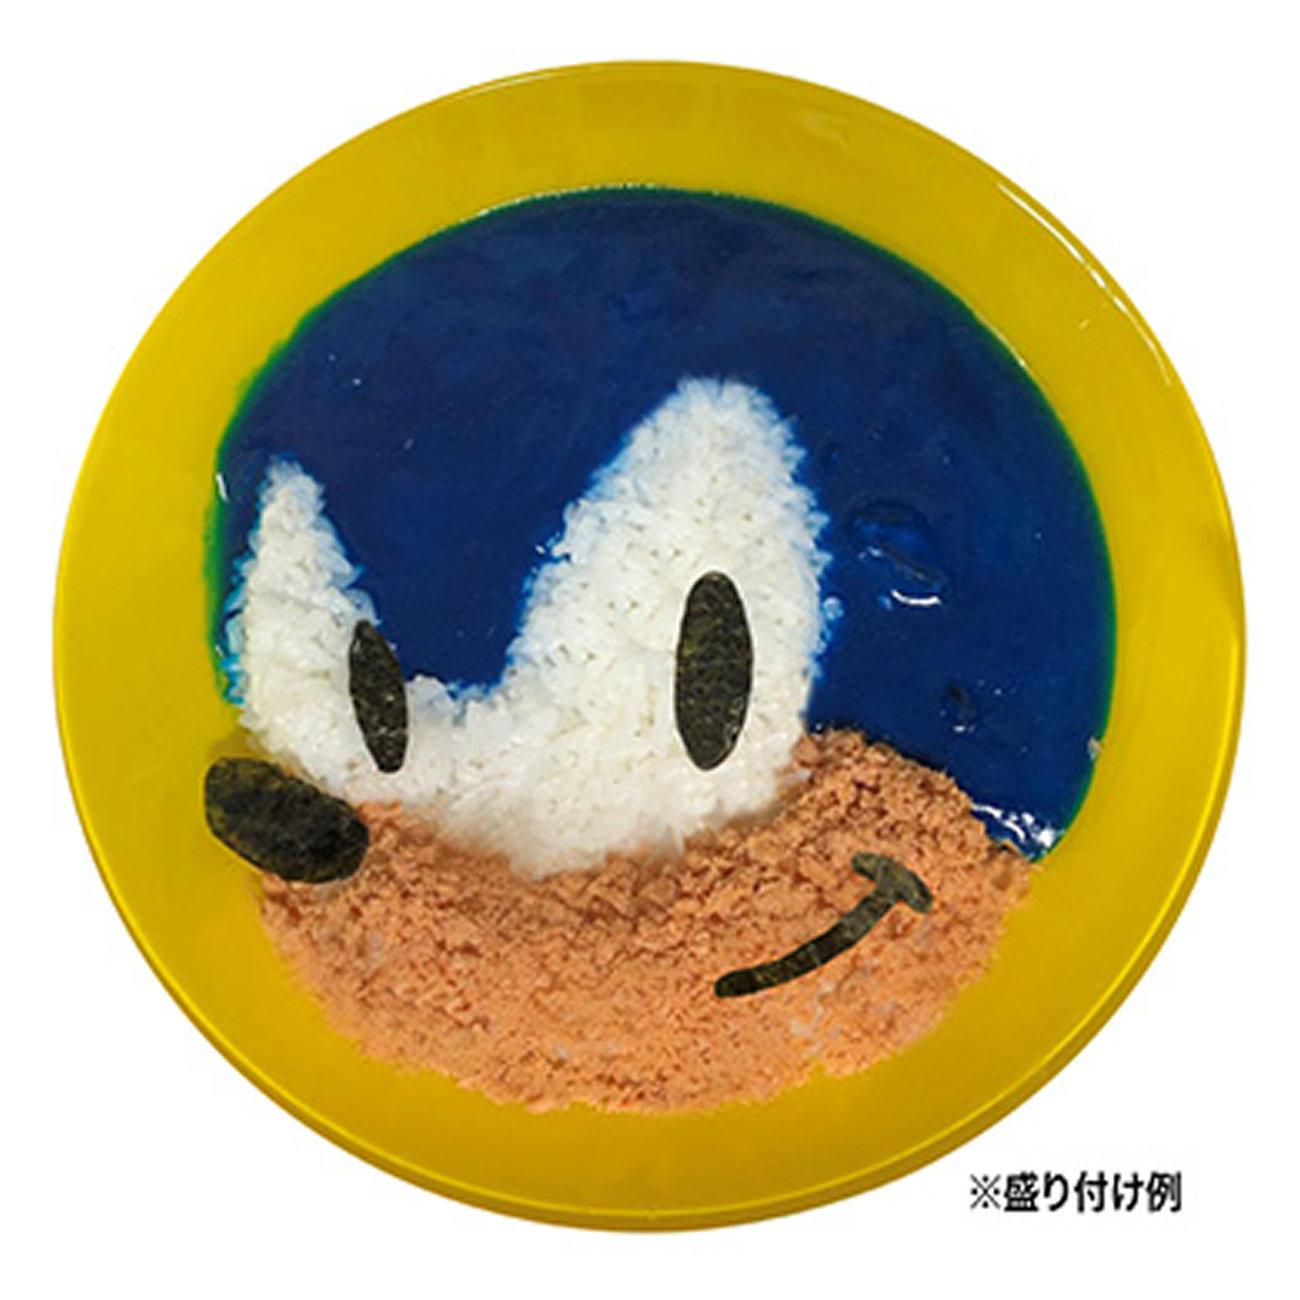 ソニックのカレー。真っ青なので盛り付け顔